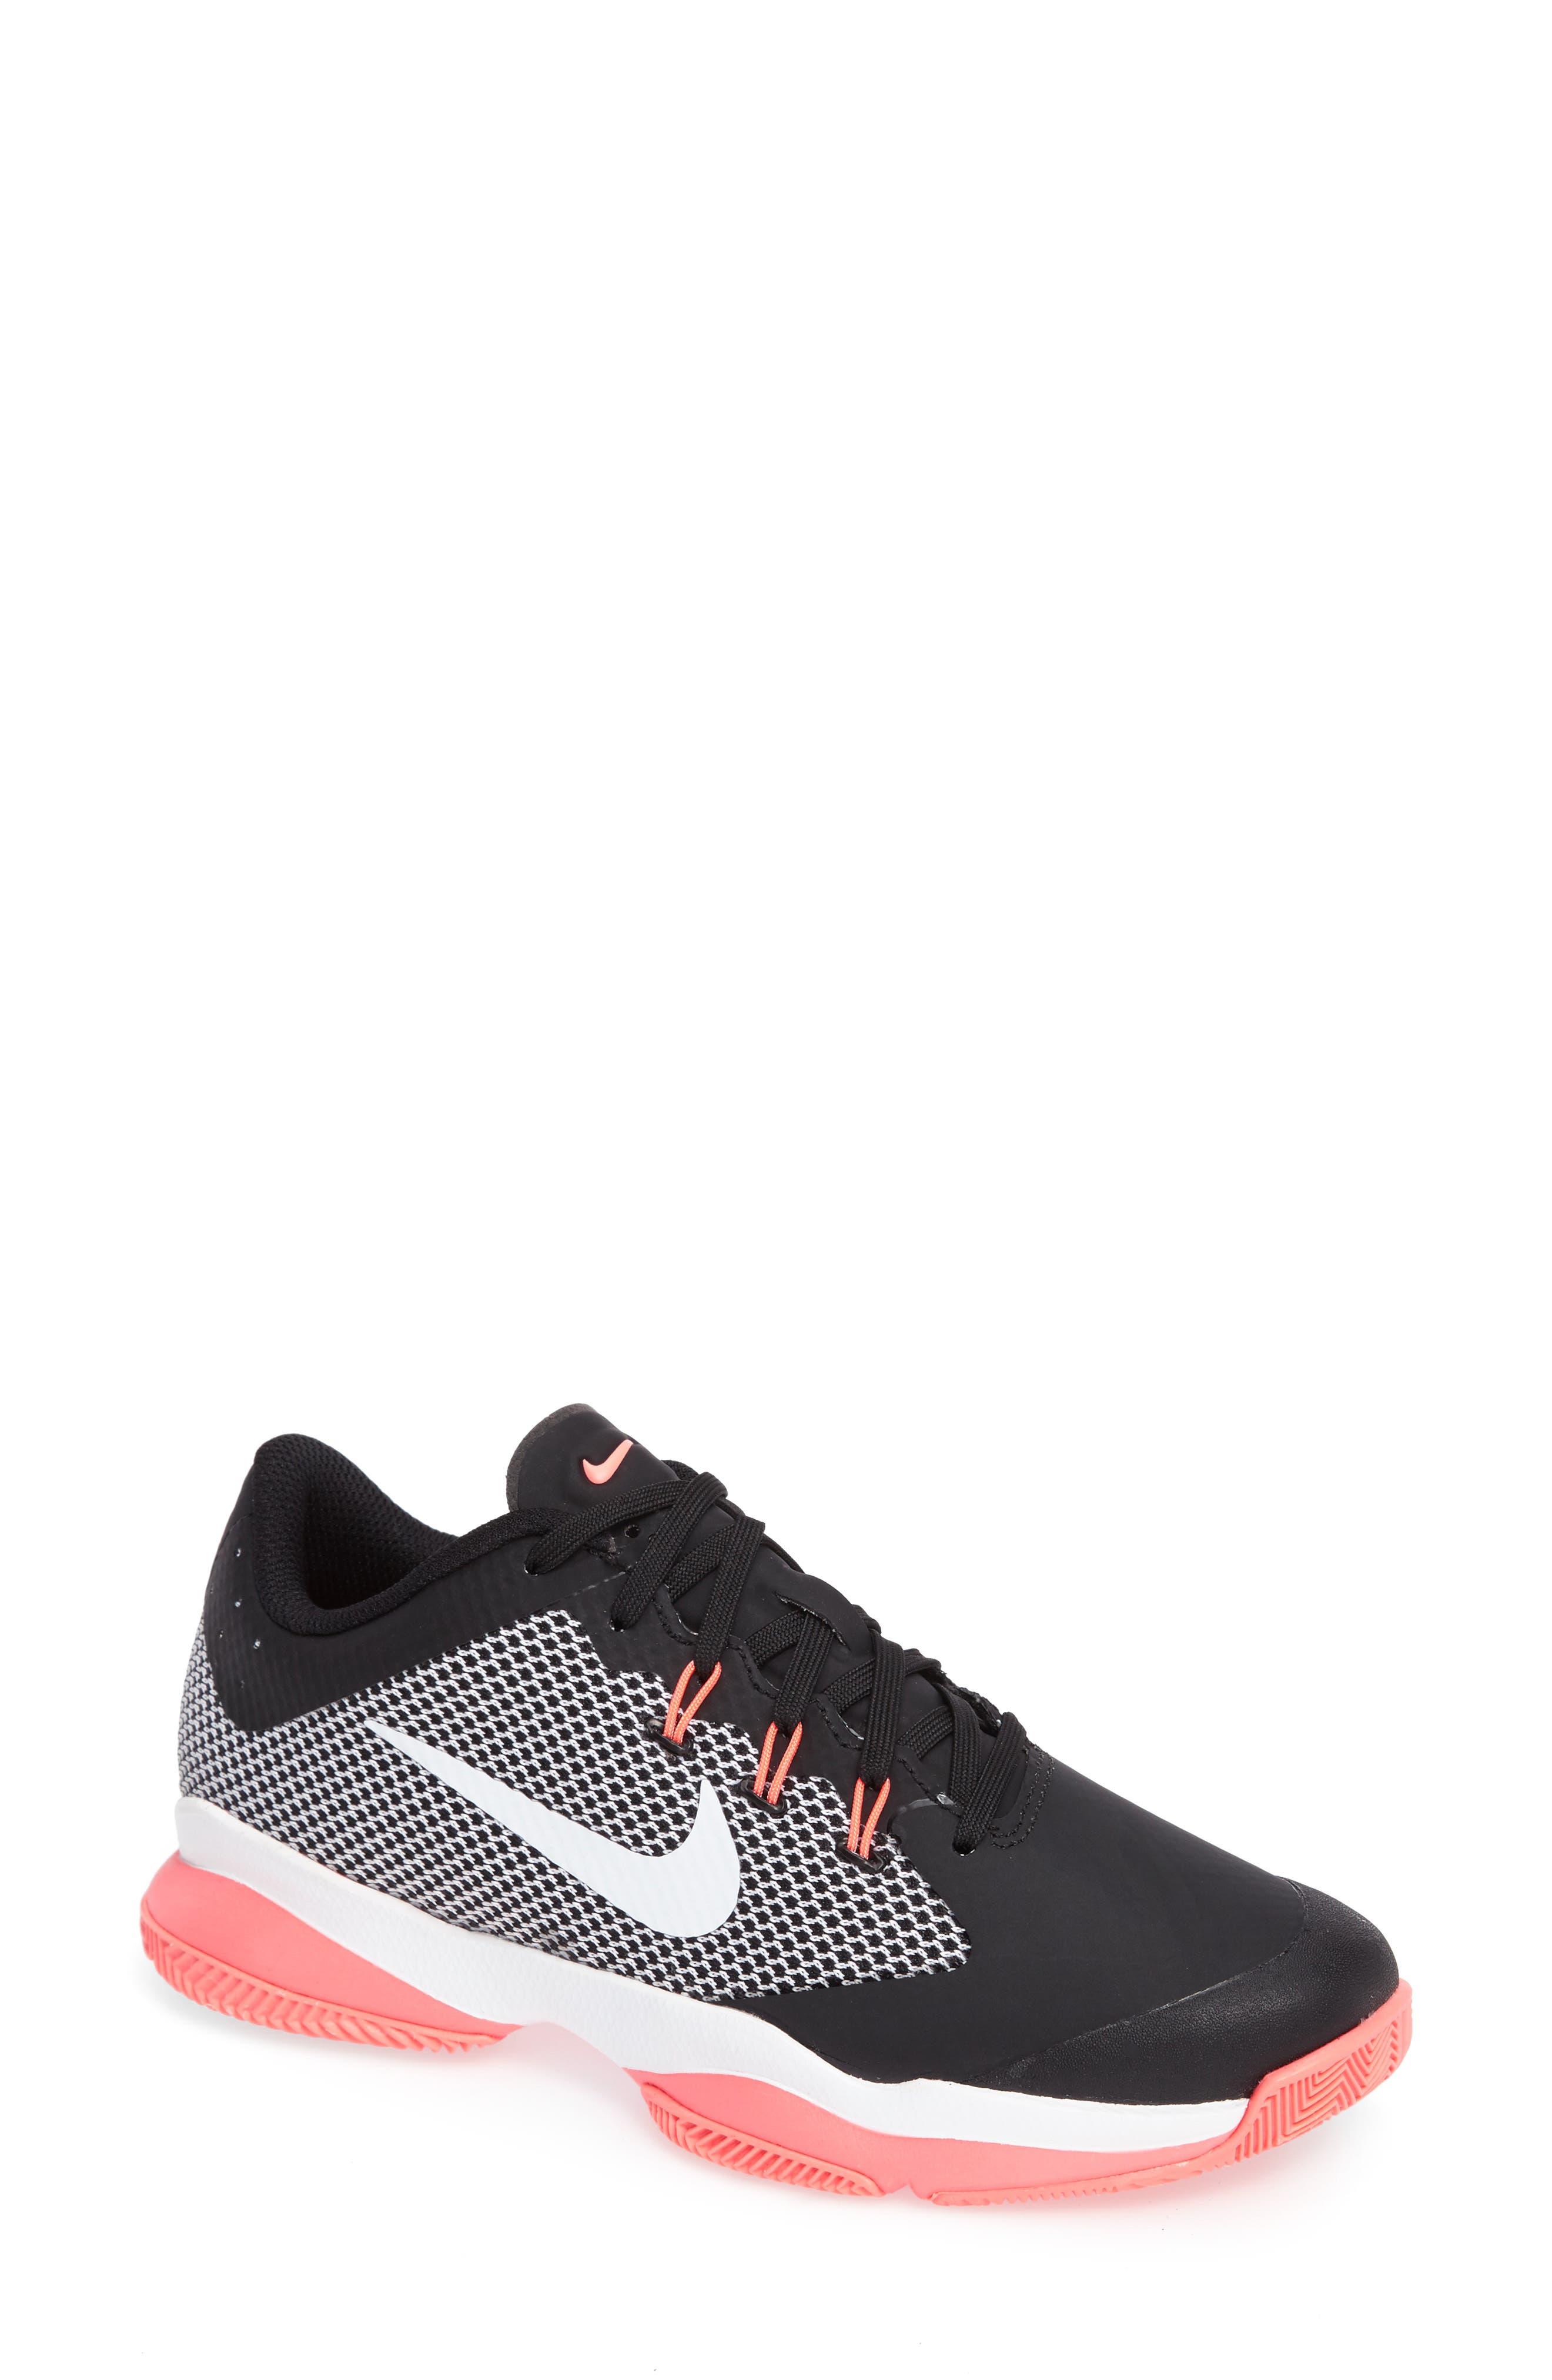 Main Image - Nike Court Air Zoom Ultra Tennis Shoe (Women)